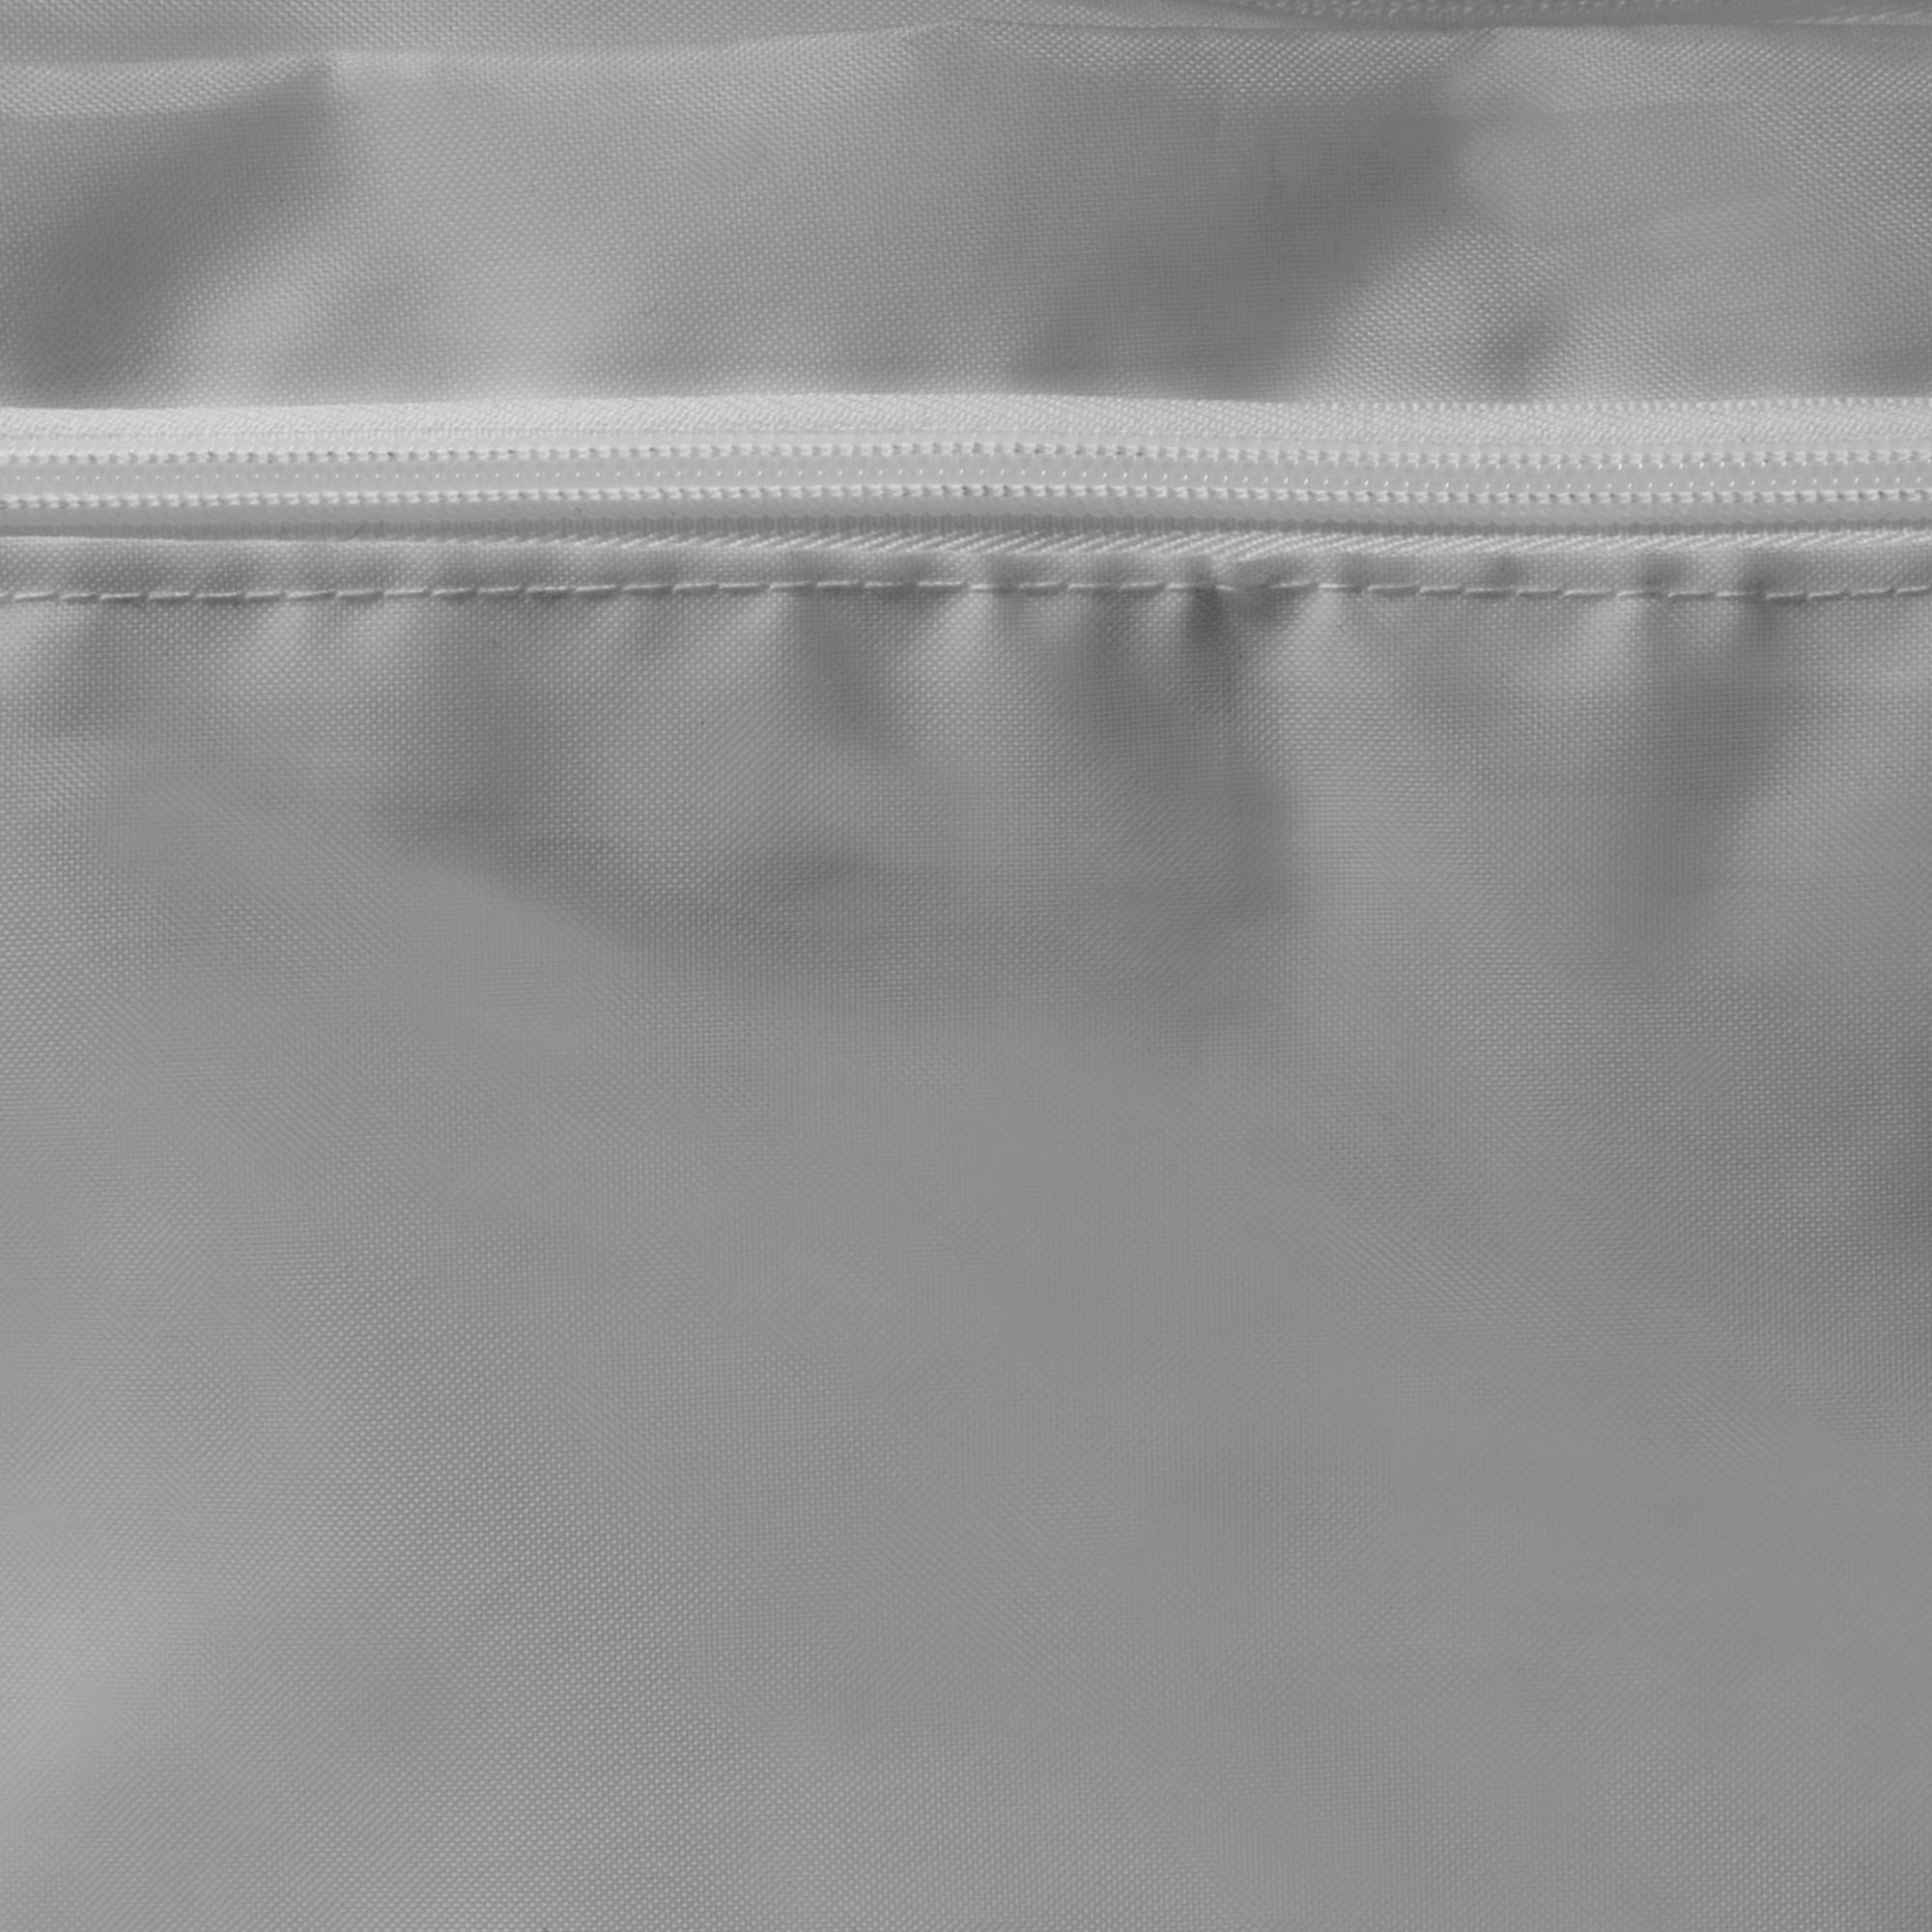 Indexbild 2 - Schutzhülle Sonnenschirm Abdeckung Haube Sonnenschirmhülle Schirmhaube B-Ware